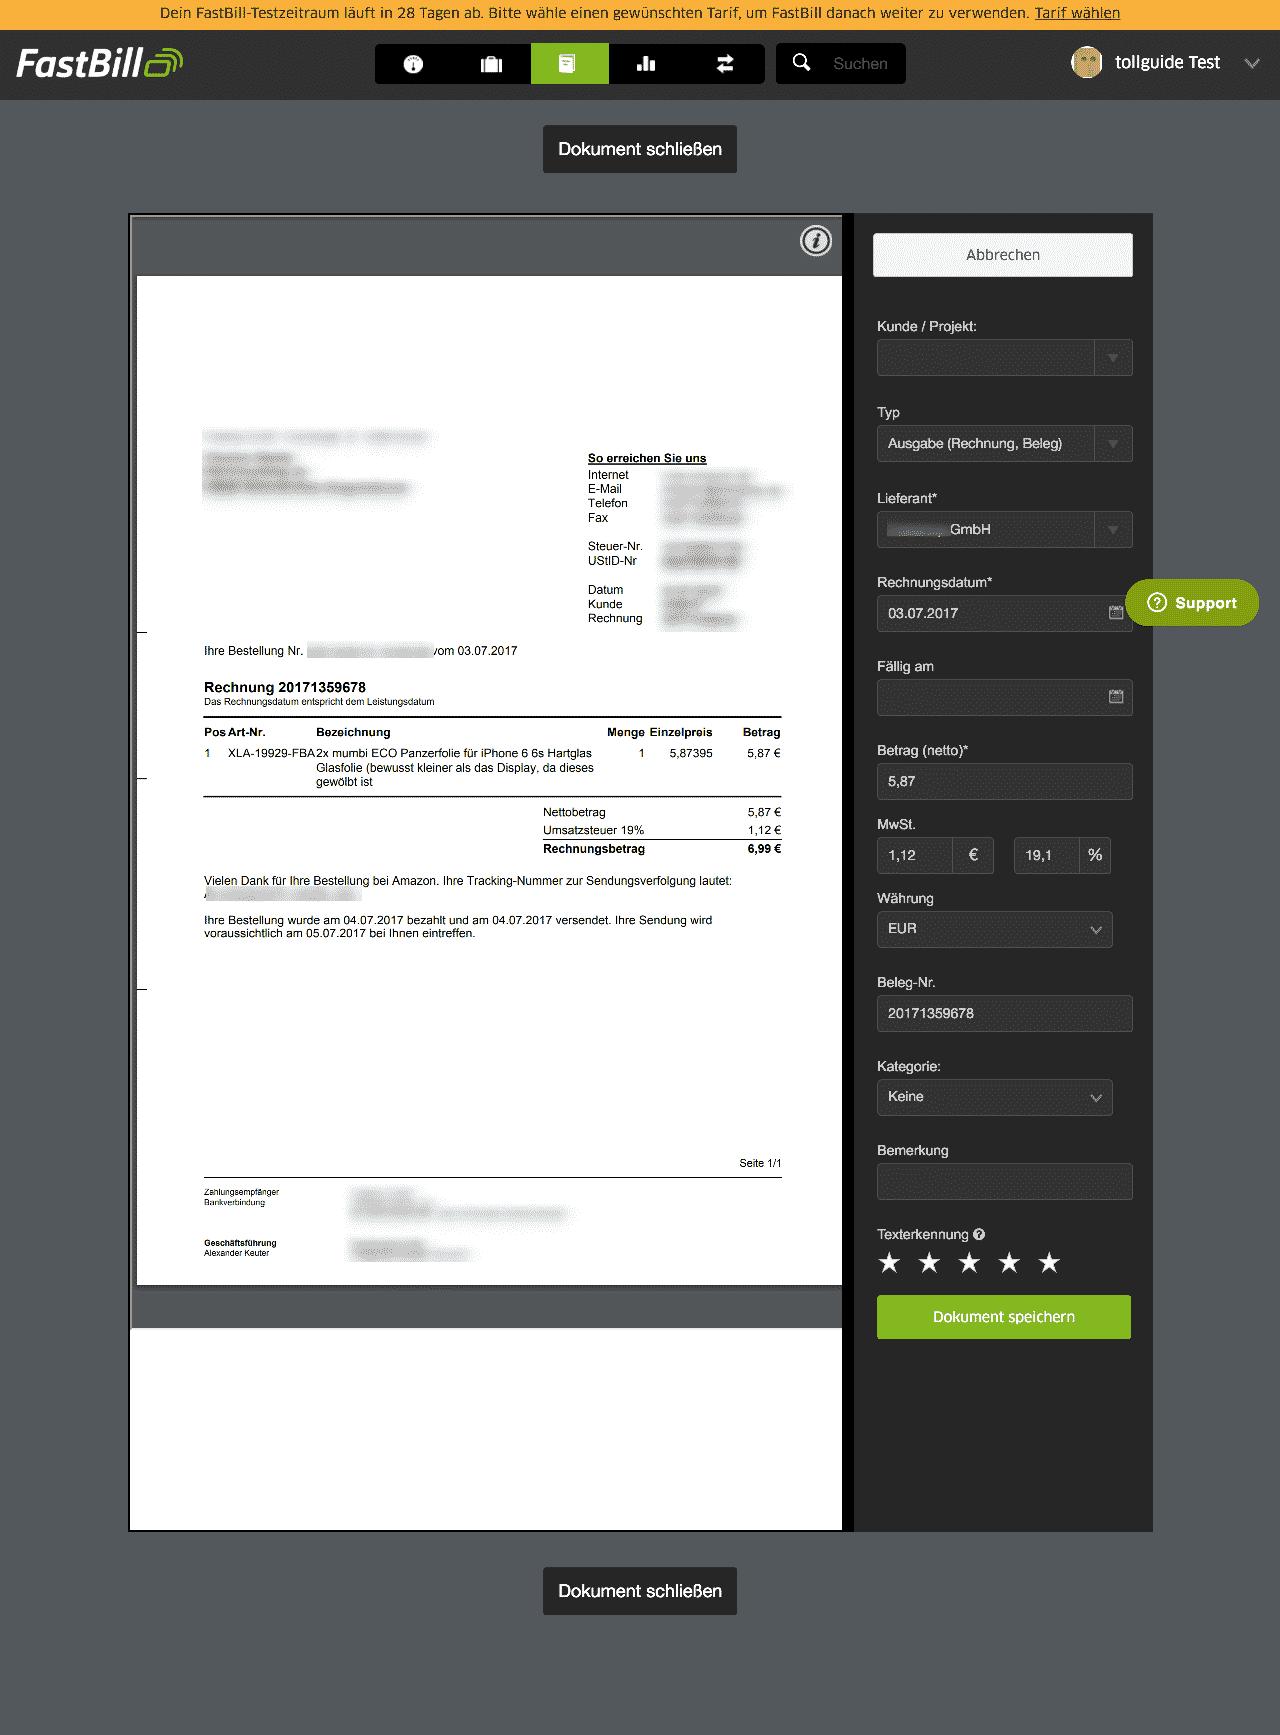 08 fastbill automatische Texterkennung